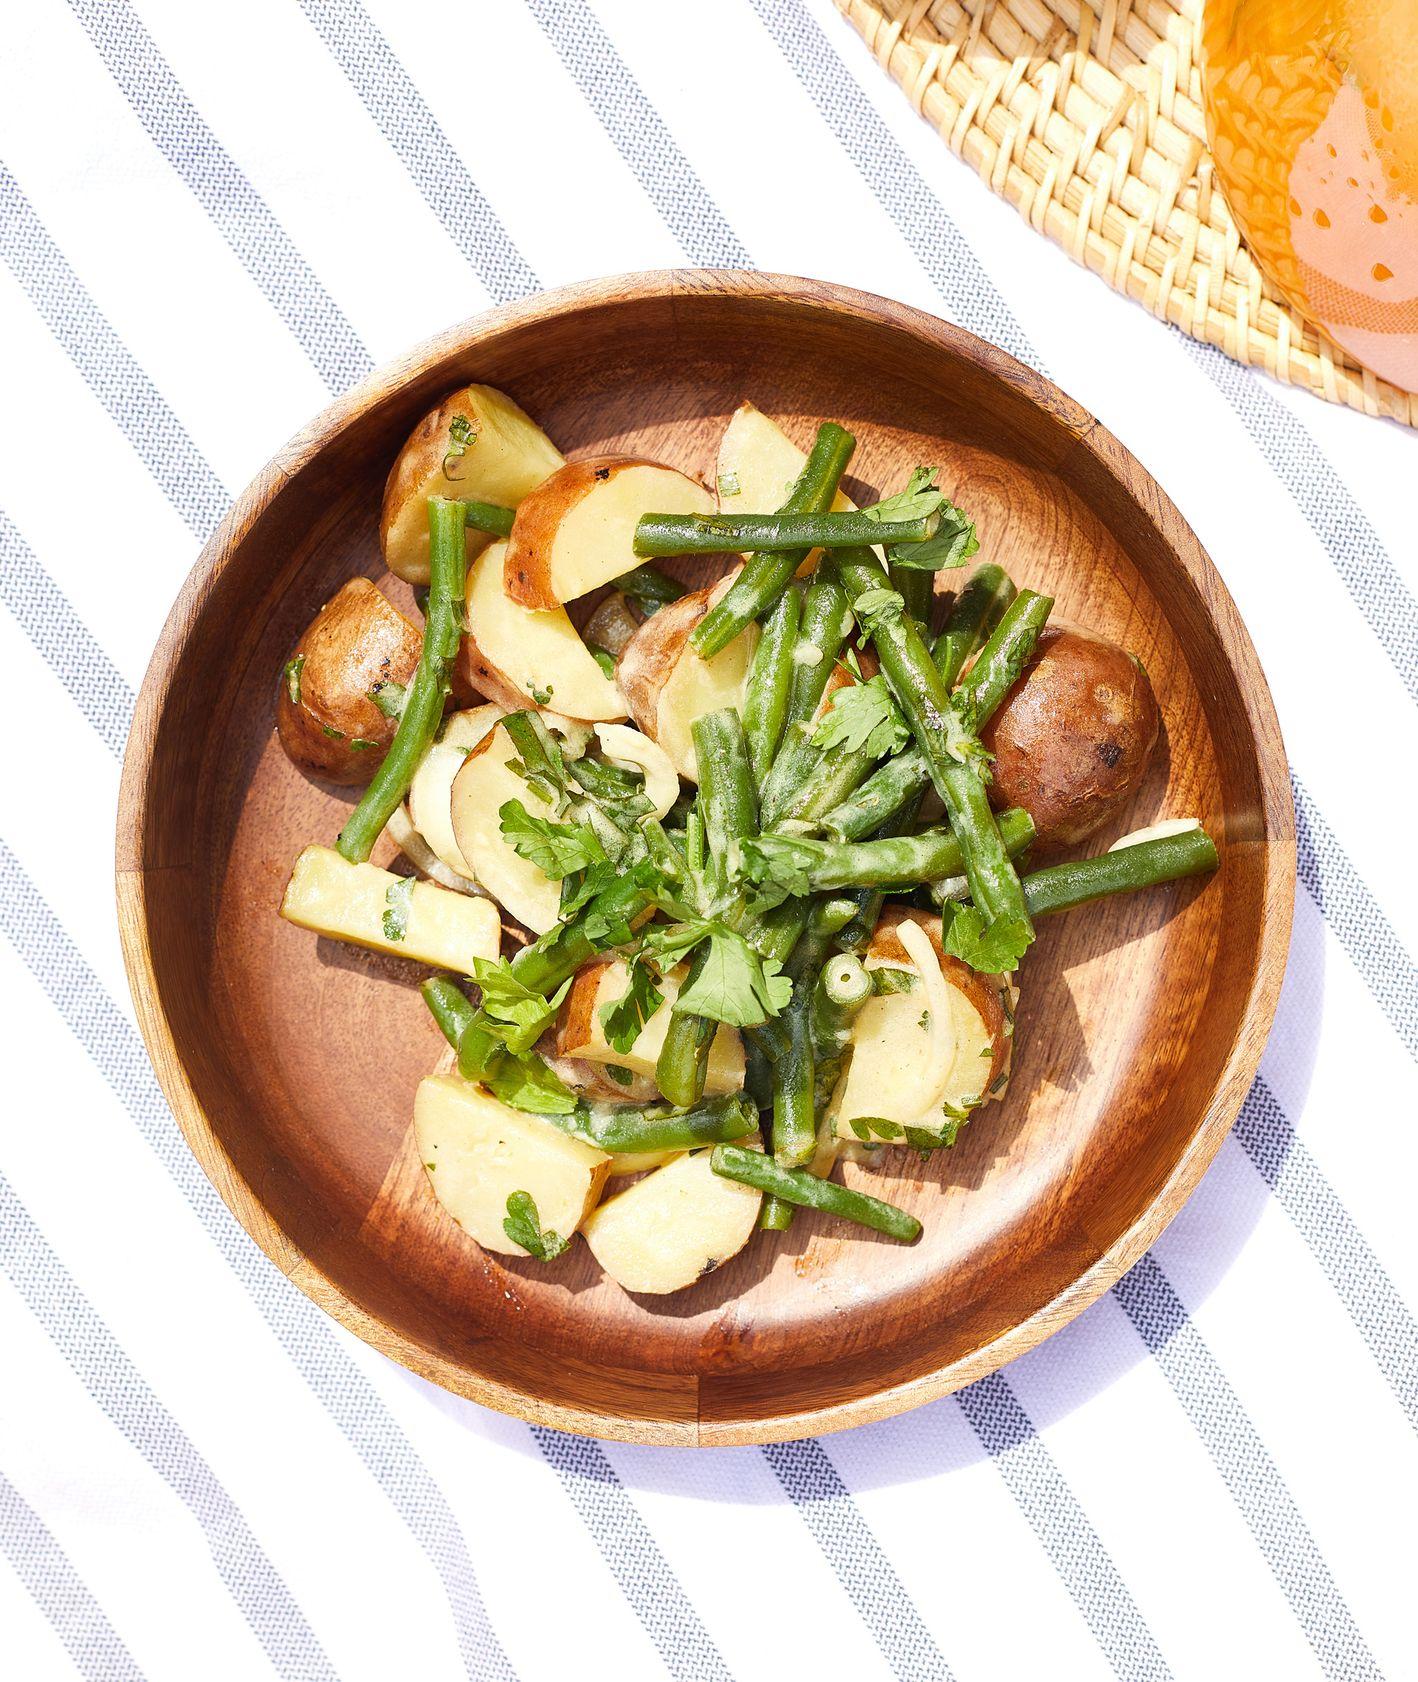 Sałatka ziemniaczana z fasolką szparagową – prosty przepis na szybkie w przygotowaniu danie, które sprawdzi się jako lekki i zdrowy obiad. (fot. Maciej Niemojewski)